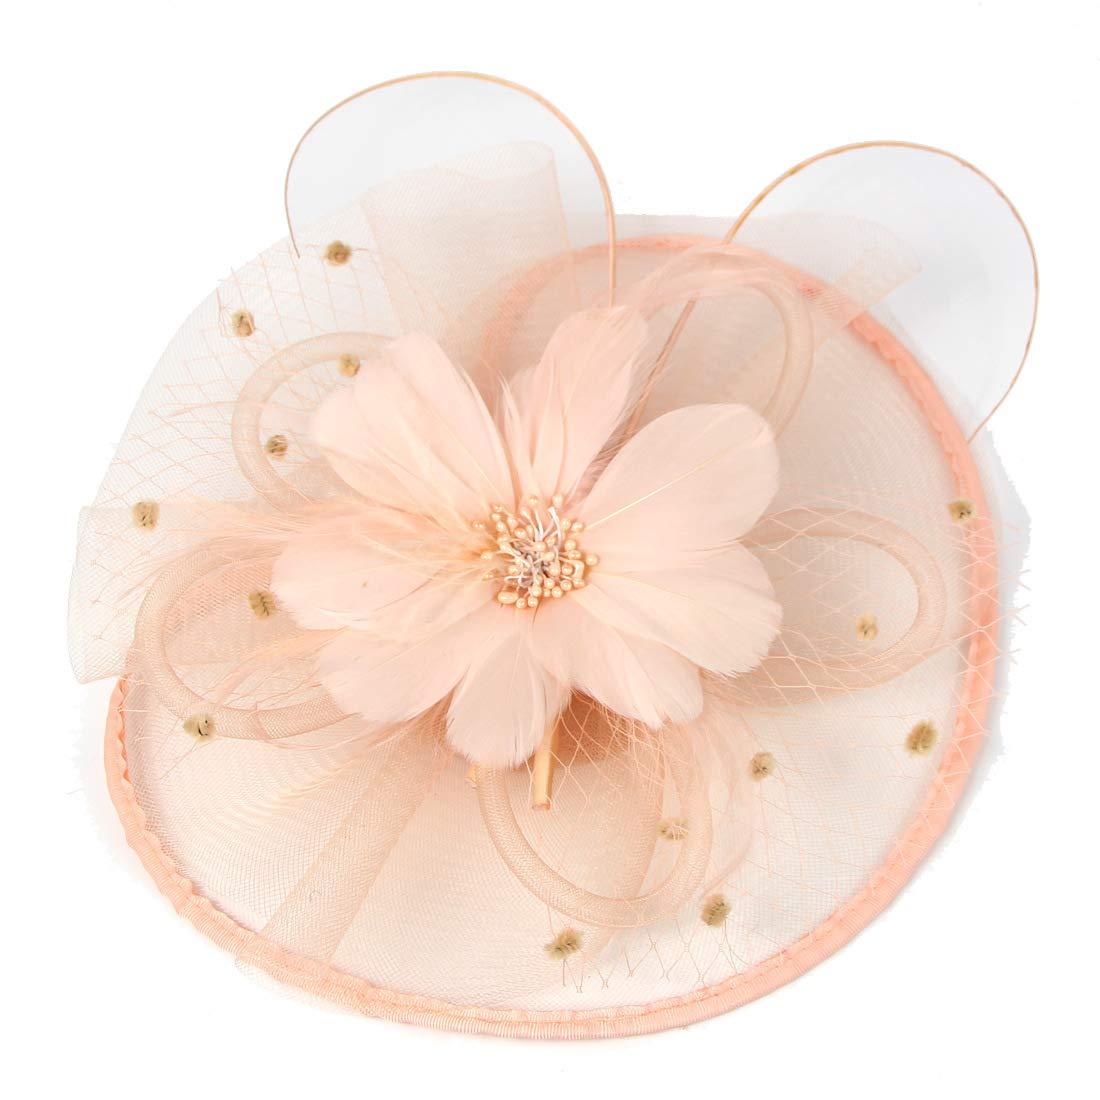 ASKEN Frauen Cocktail Fascinator Haar Pillbox Hut Feder Kopfschmuck Tea Party Hochzeit Kirche Headwear